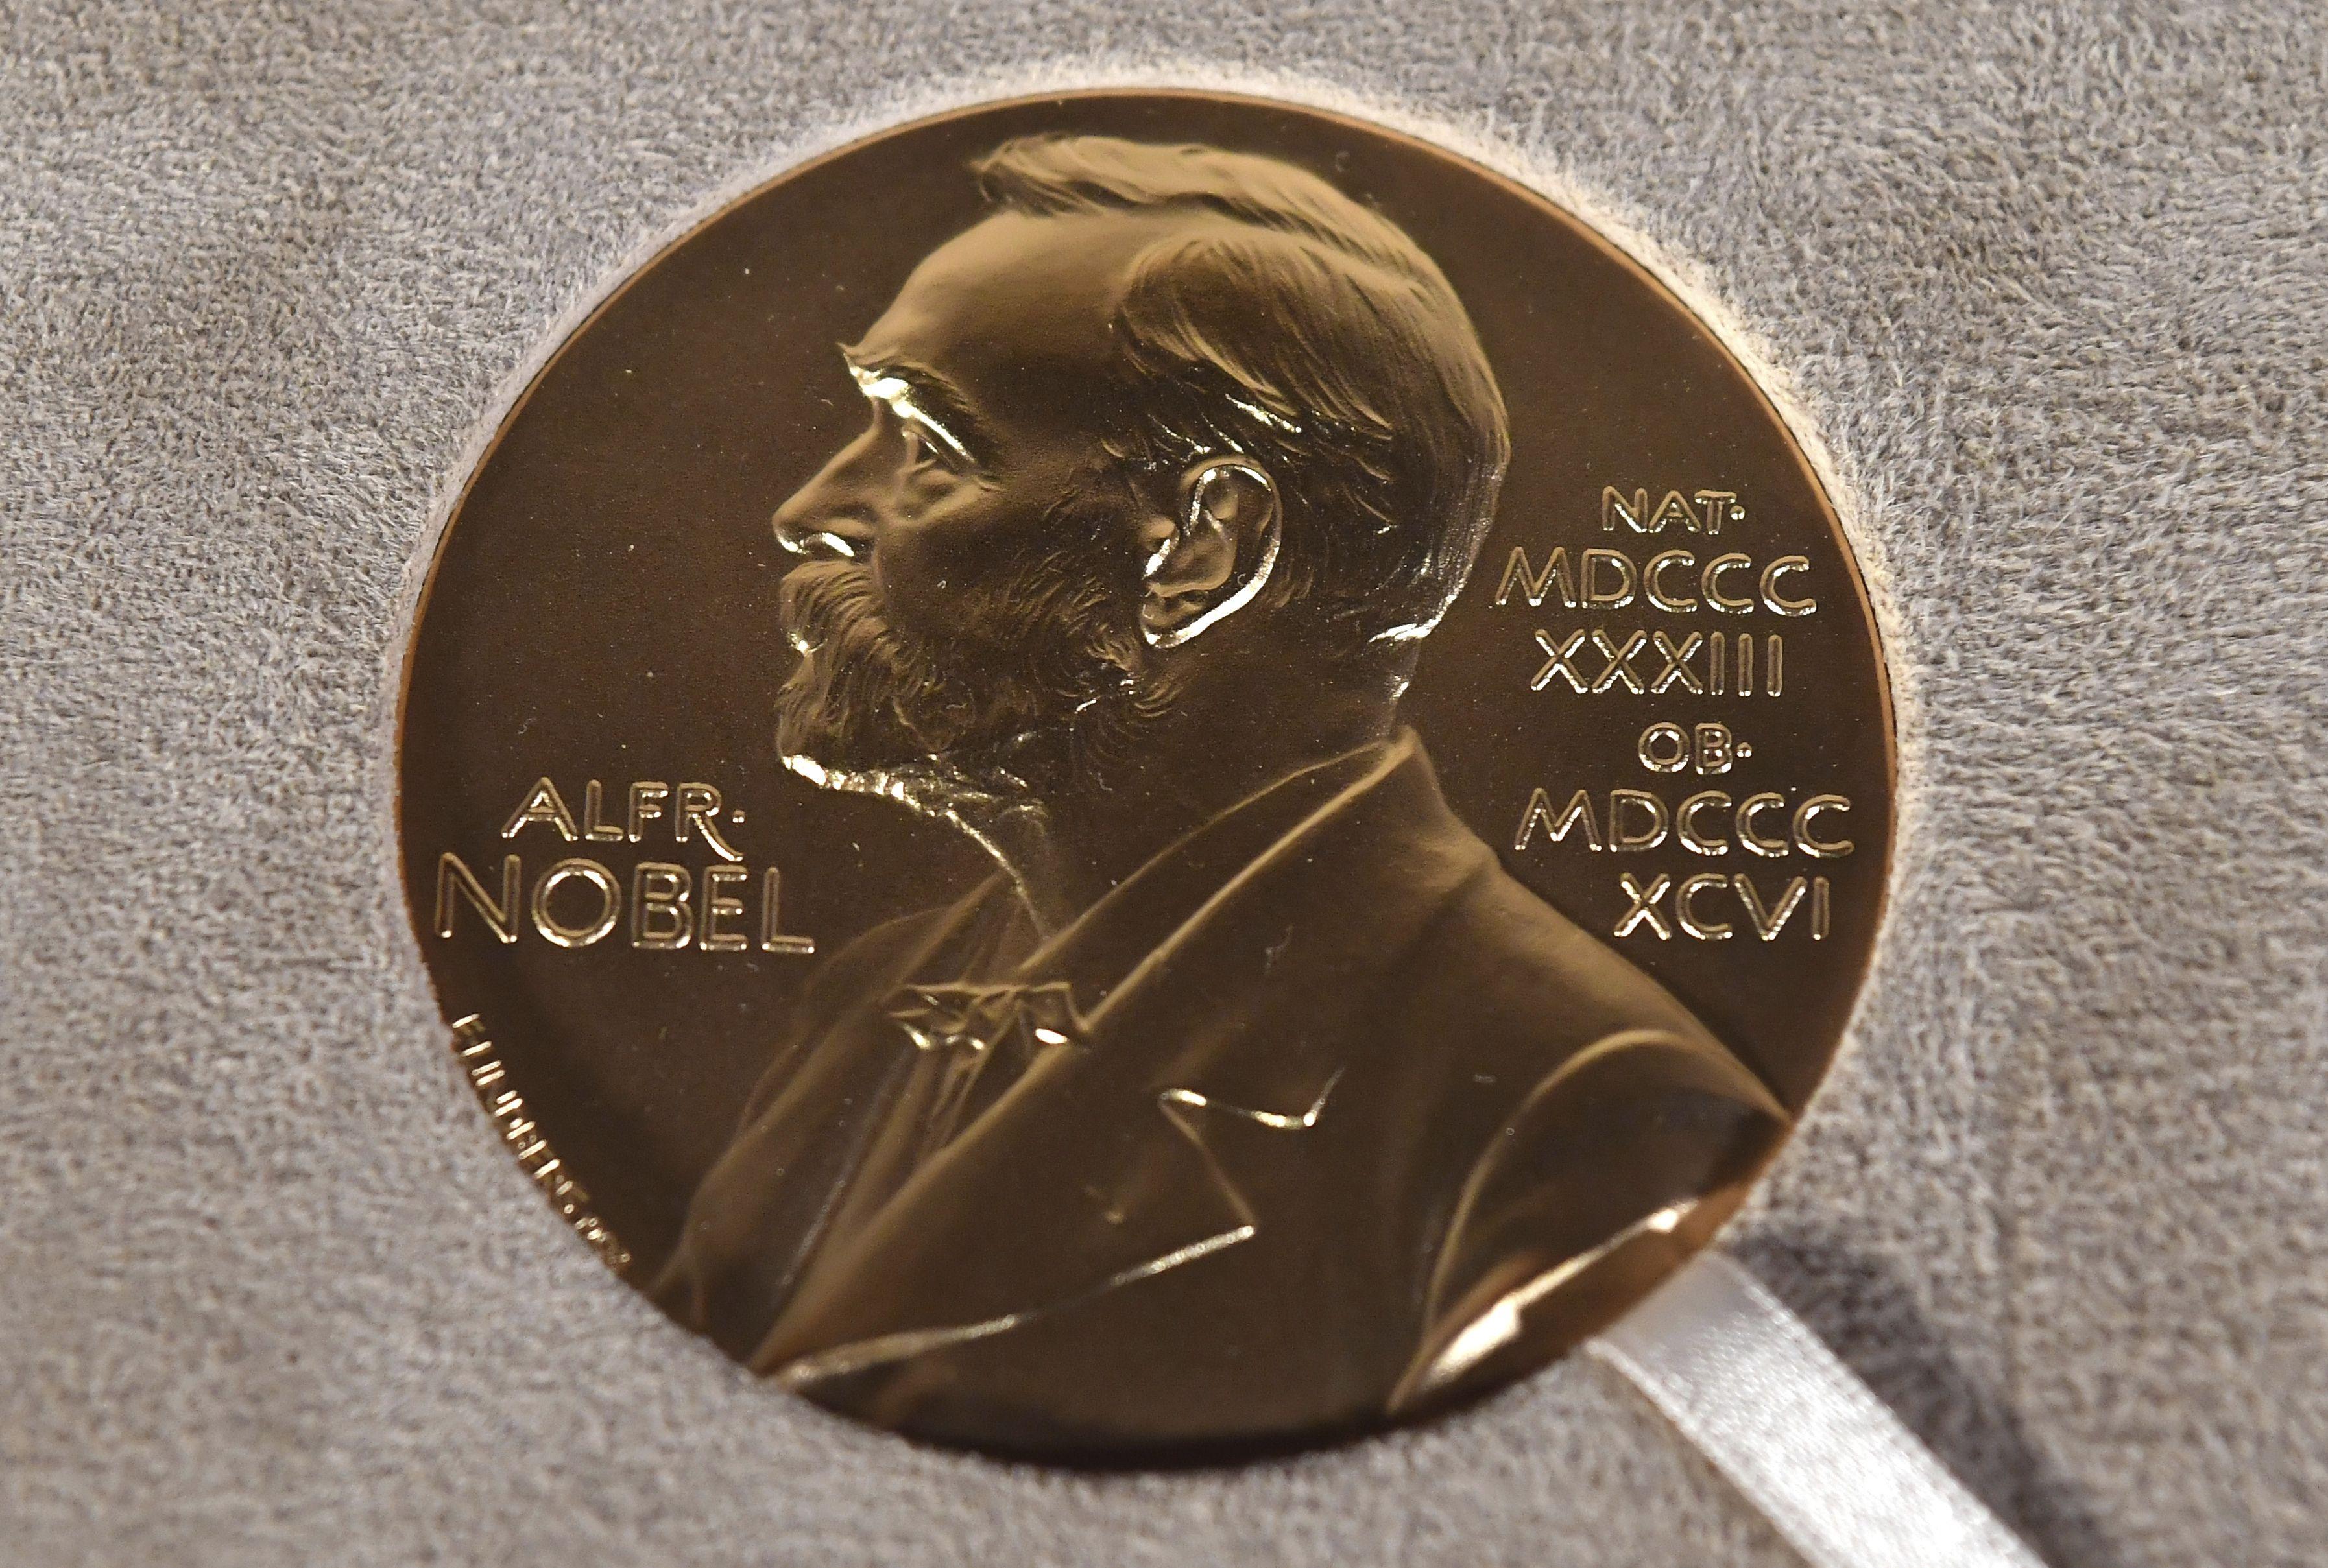 En esta imagen de archivo, tomada el 8 de diciembre de 2020, una medalla del Nobel durante un acto de entrega en Nueva York. El novelista tanzano Abdulrazak Gurnah ganó el Nobel de Literatura 2021.